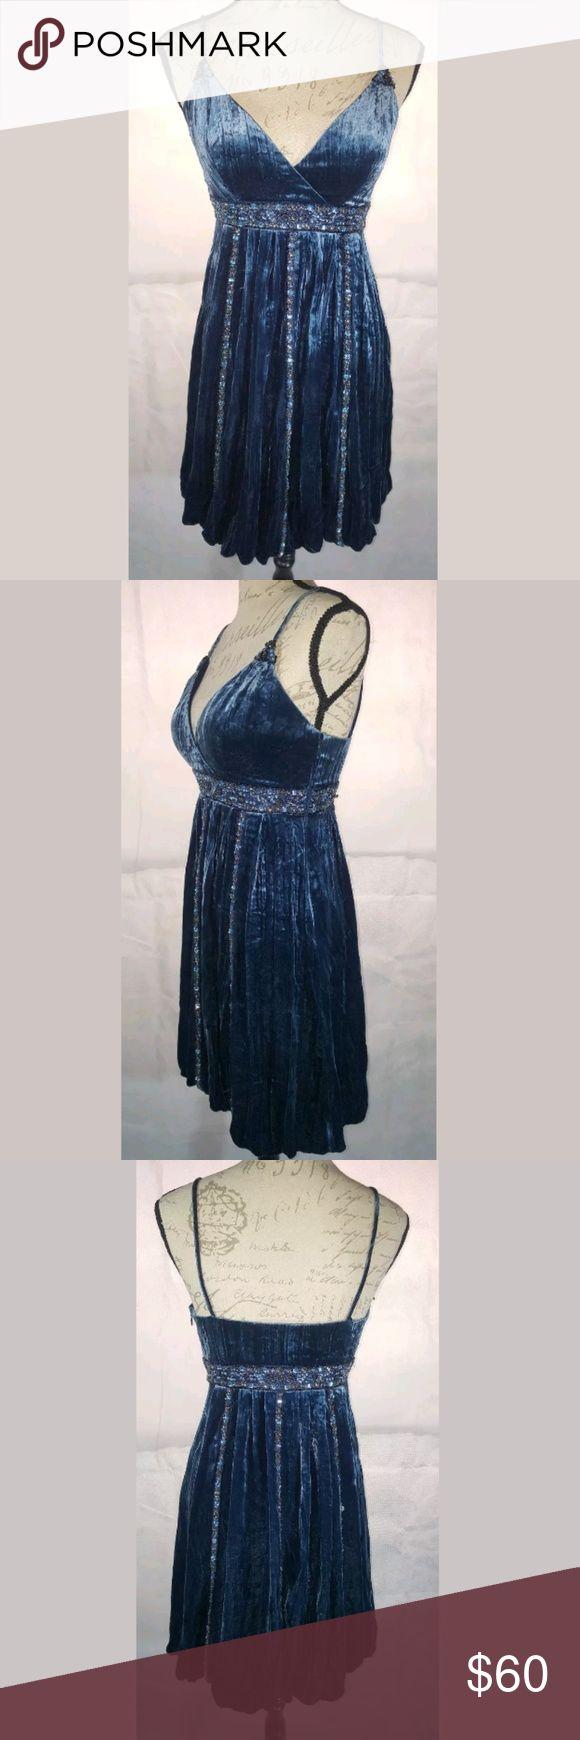 I just added this listing on Poshmark: Sue Wong blue velvet cocktail dress. #shopmycloset #poshmark #fashion #shopping #style #forsale #Sue Wong #Dresses & Skirts